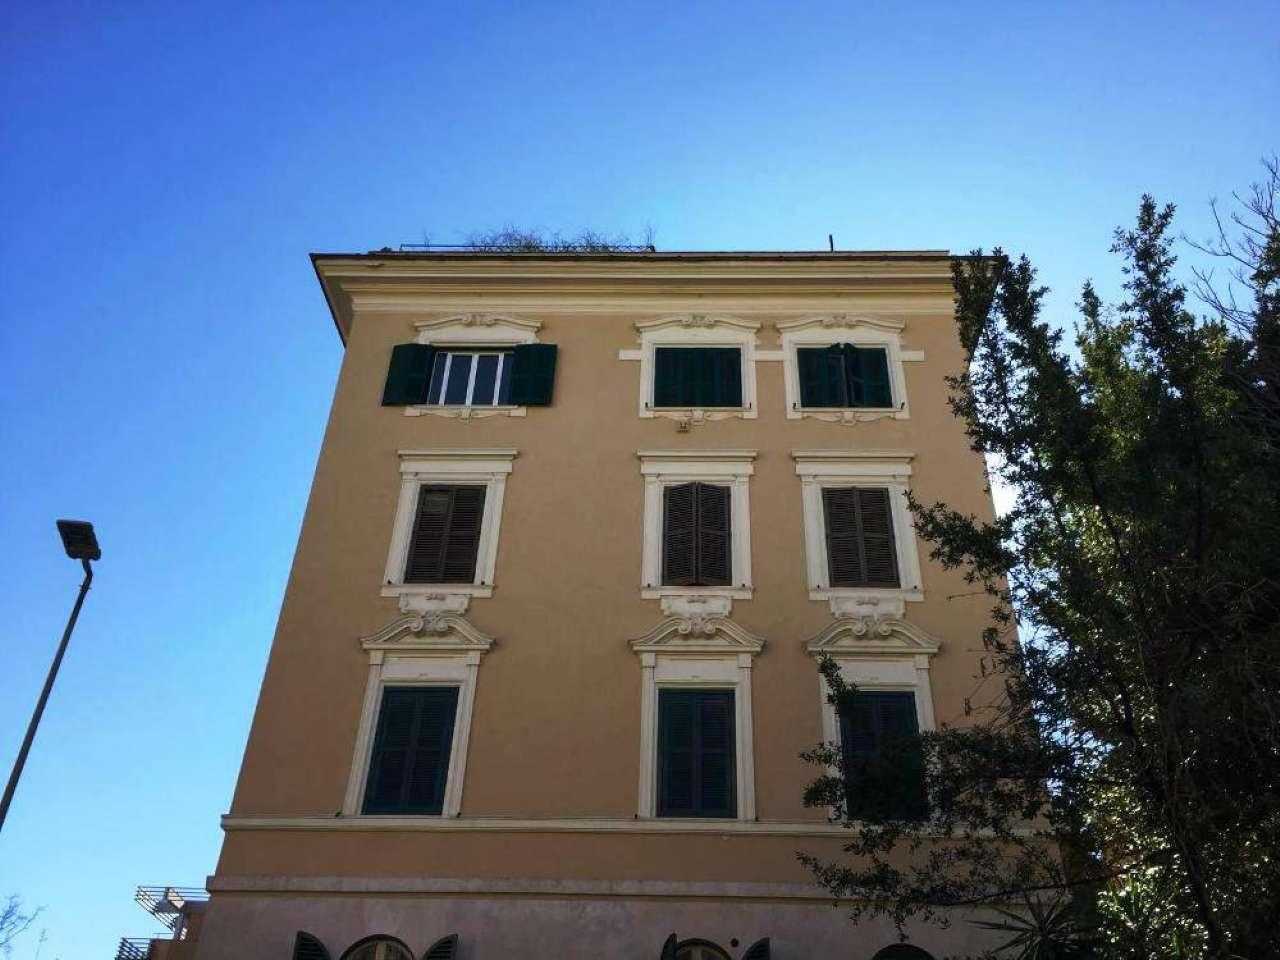 Appartamento in vendita a Roma, 2 locali, zona Zona: 4 . Nomentano, Bologna, Policlinico, prezzo € 260.000 | CambioCasa.it